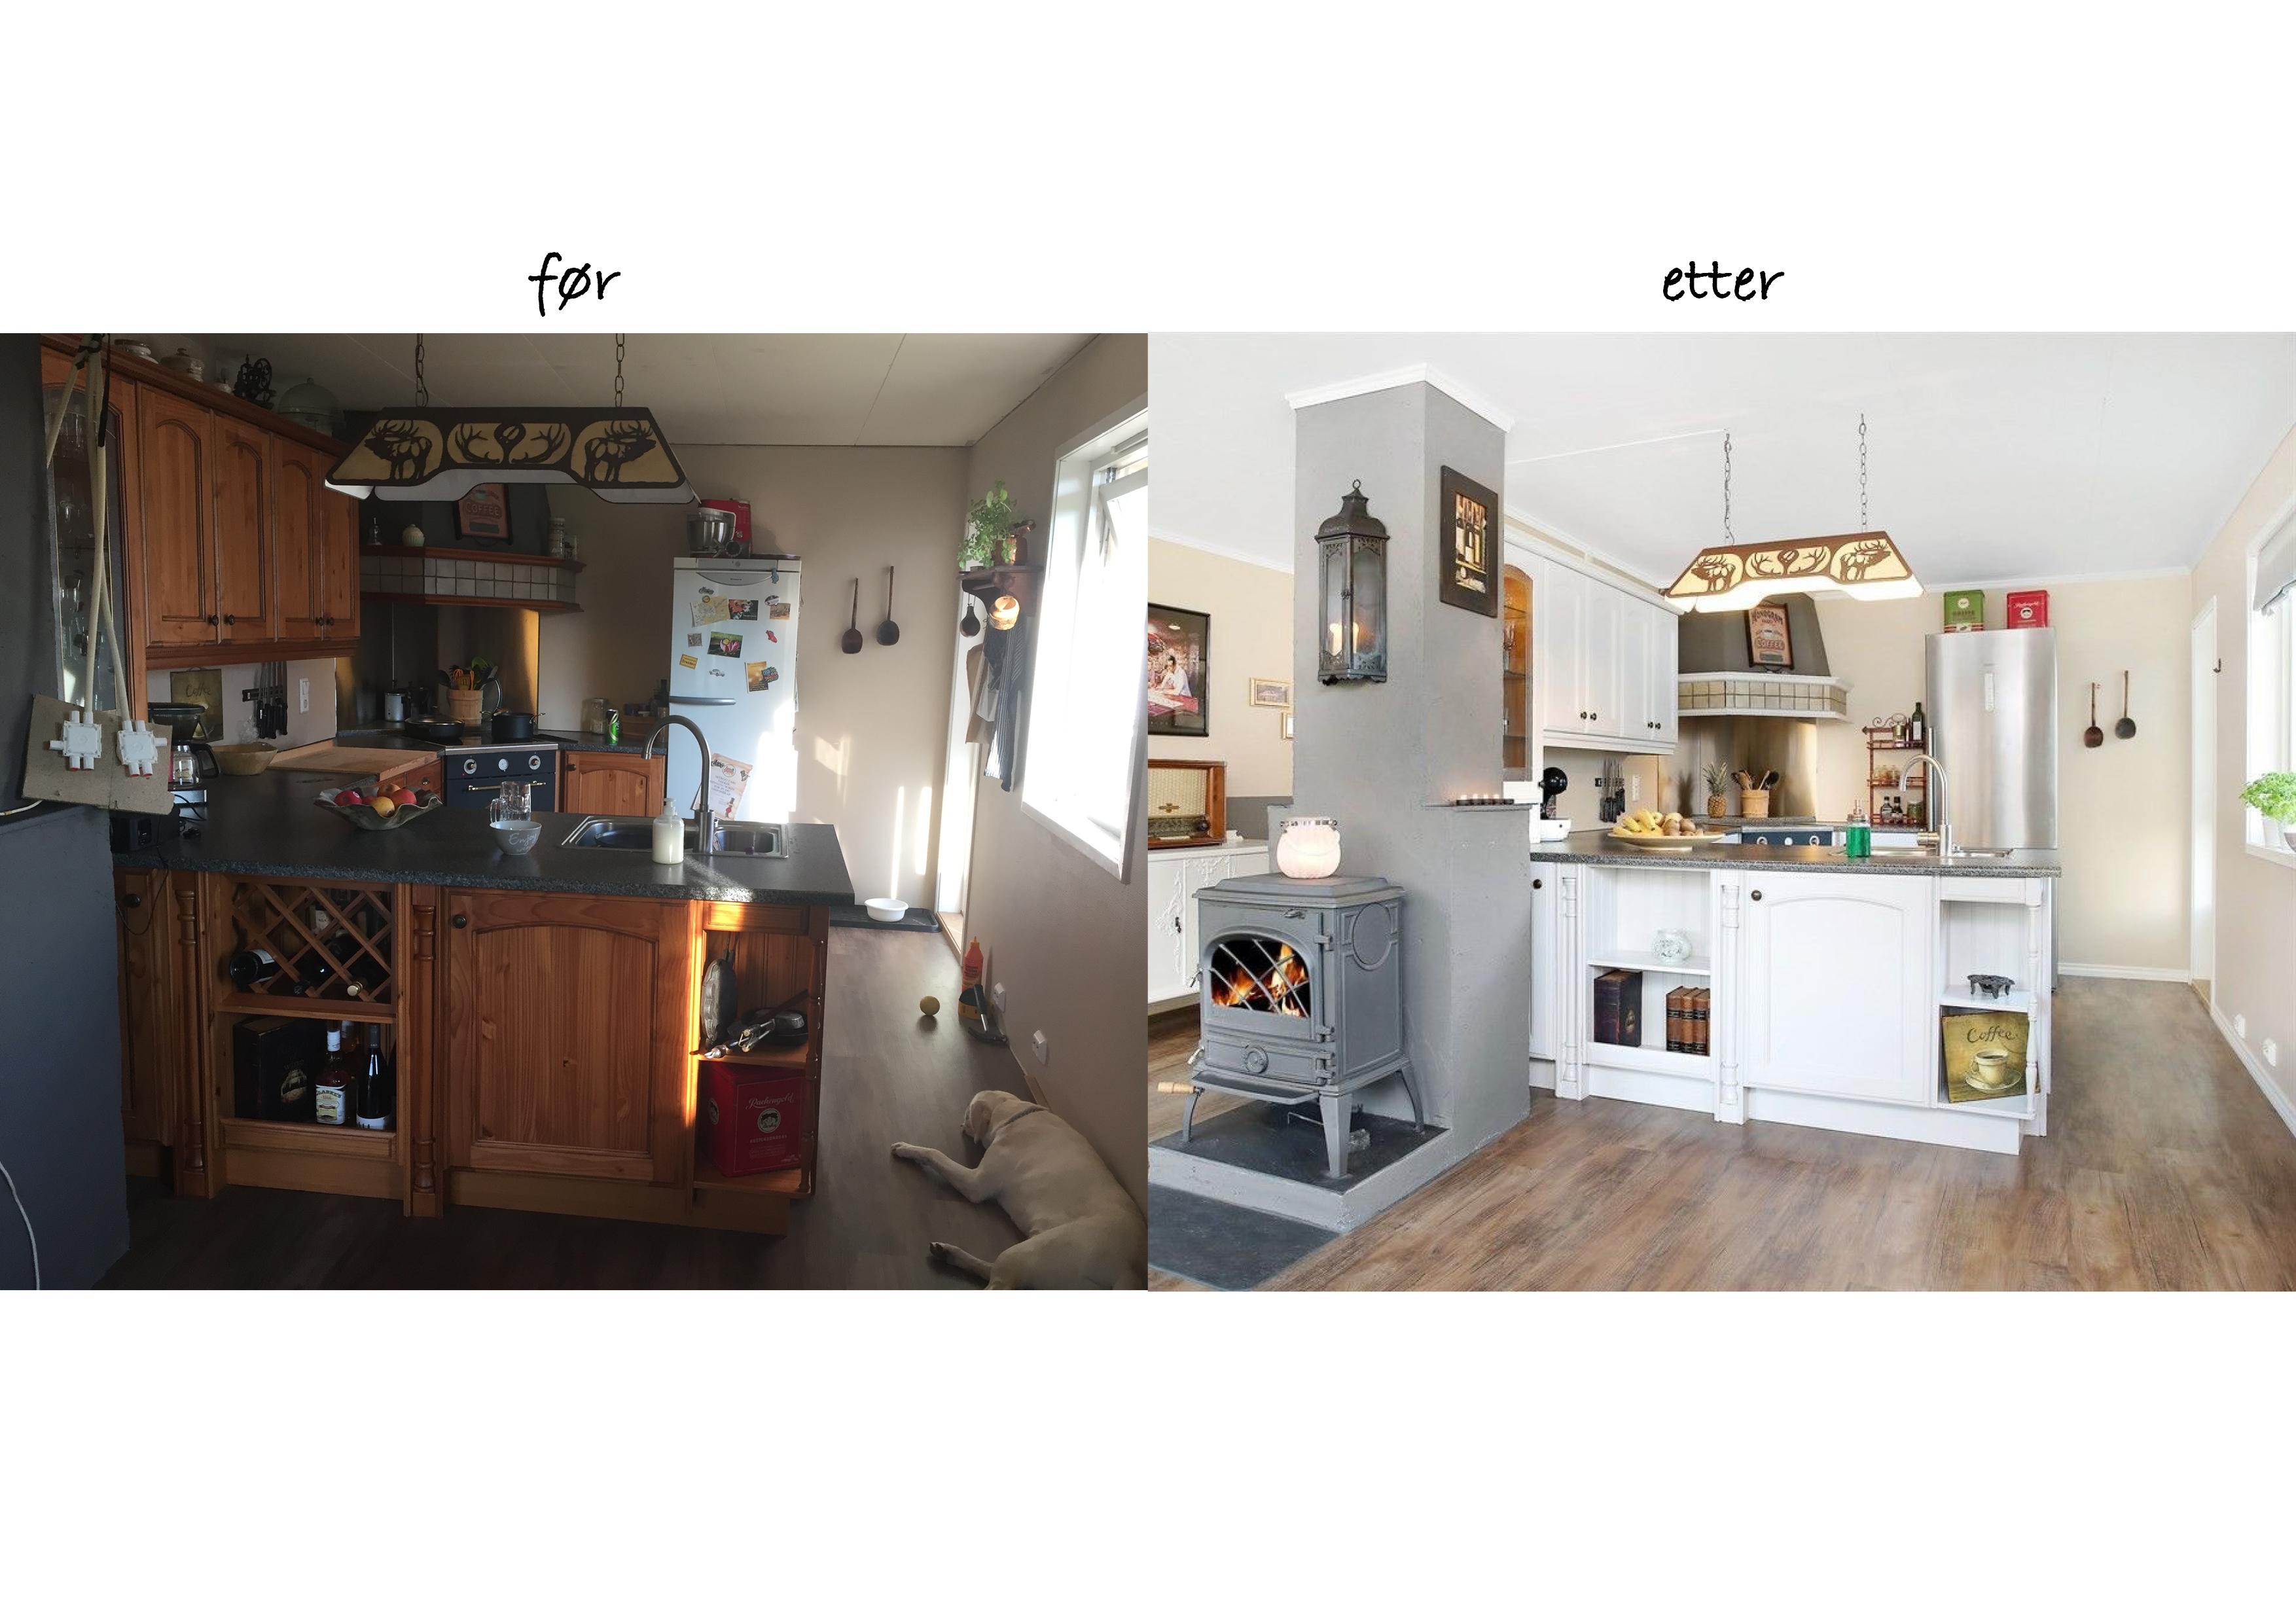 Kjøkken før etter